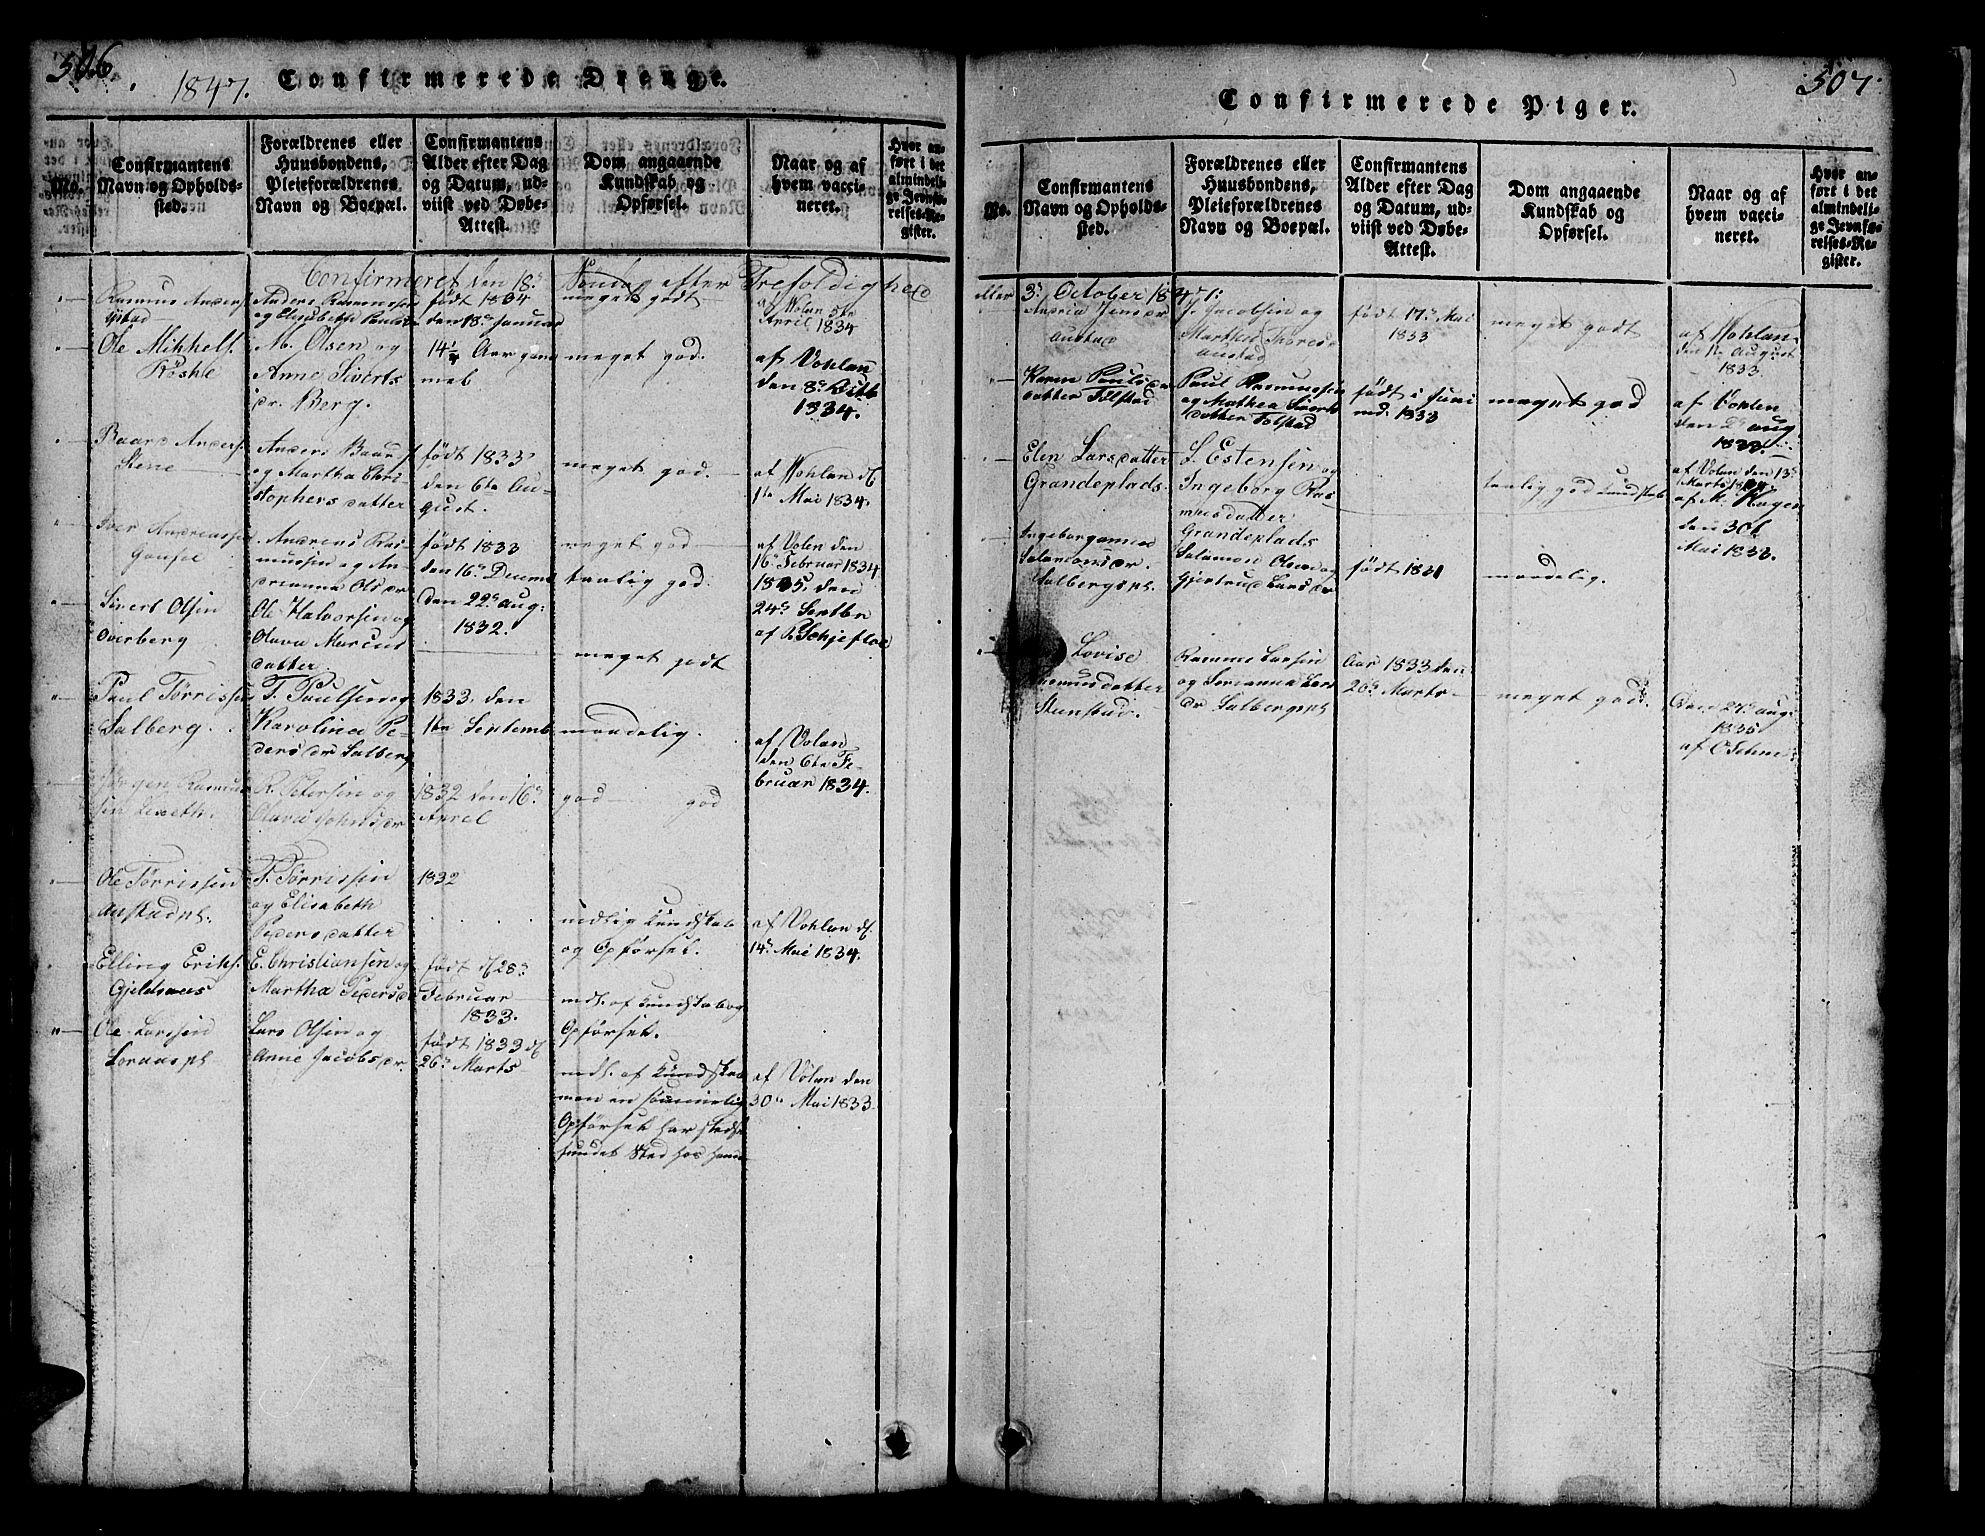 SAT, Ministerialprotokoller, klokkerbøker og fødselsregistre - Nord-Trøndelag, 731/L0310: Klokkerbok nr. 731C01, 1816-1874, s. 506-507